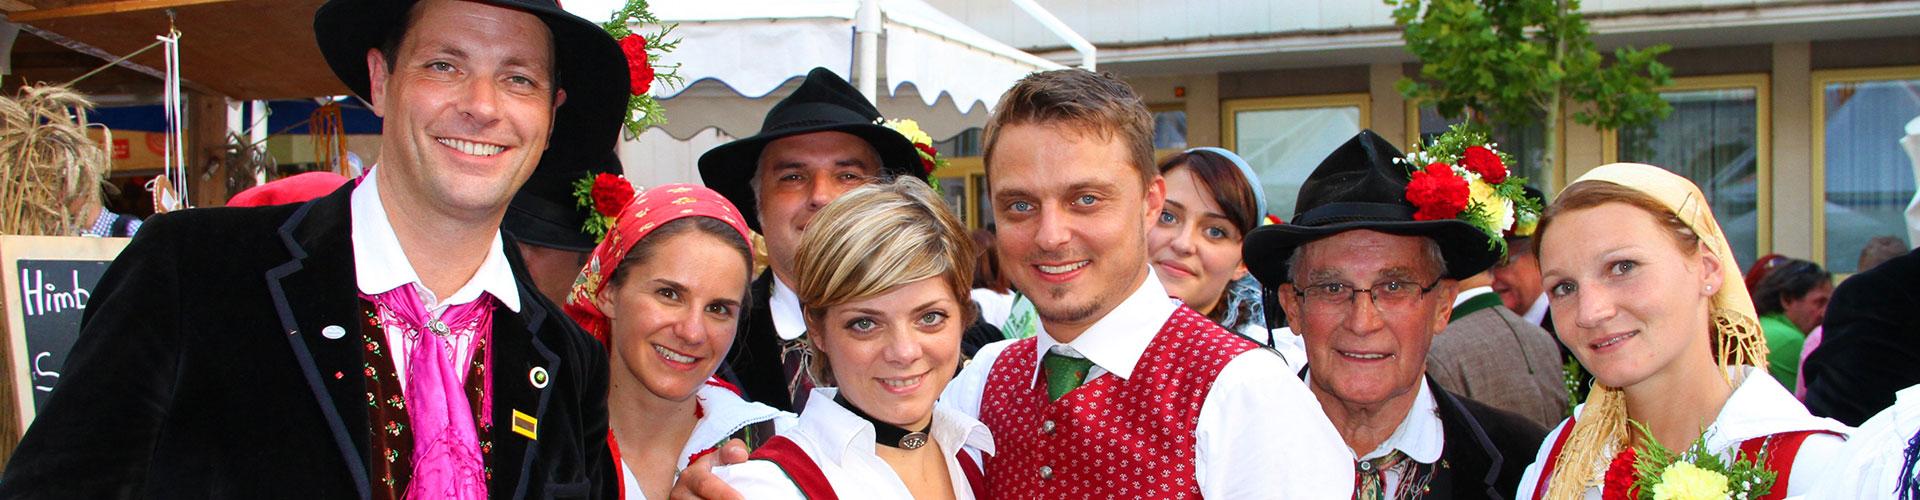 slide_kirchtag_3